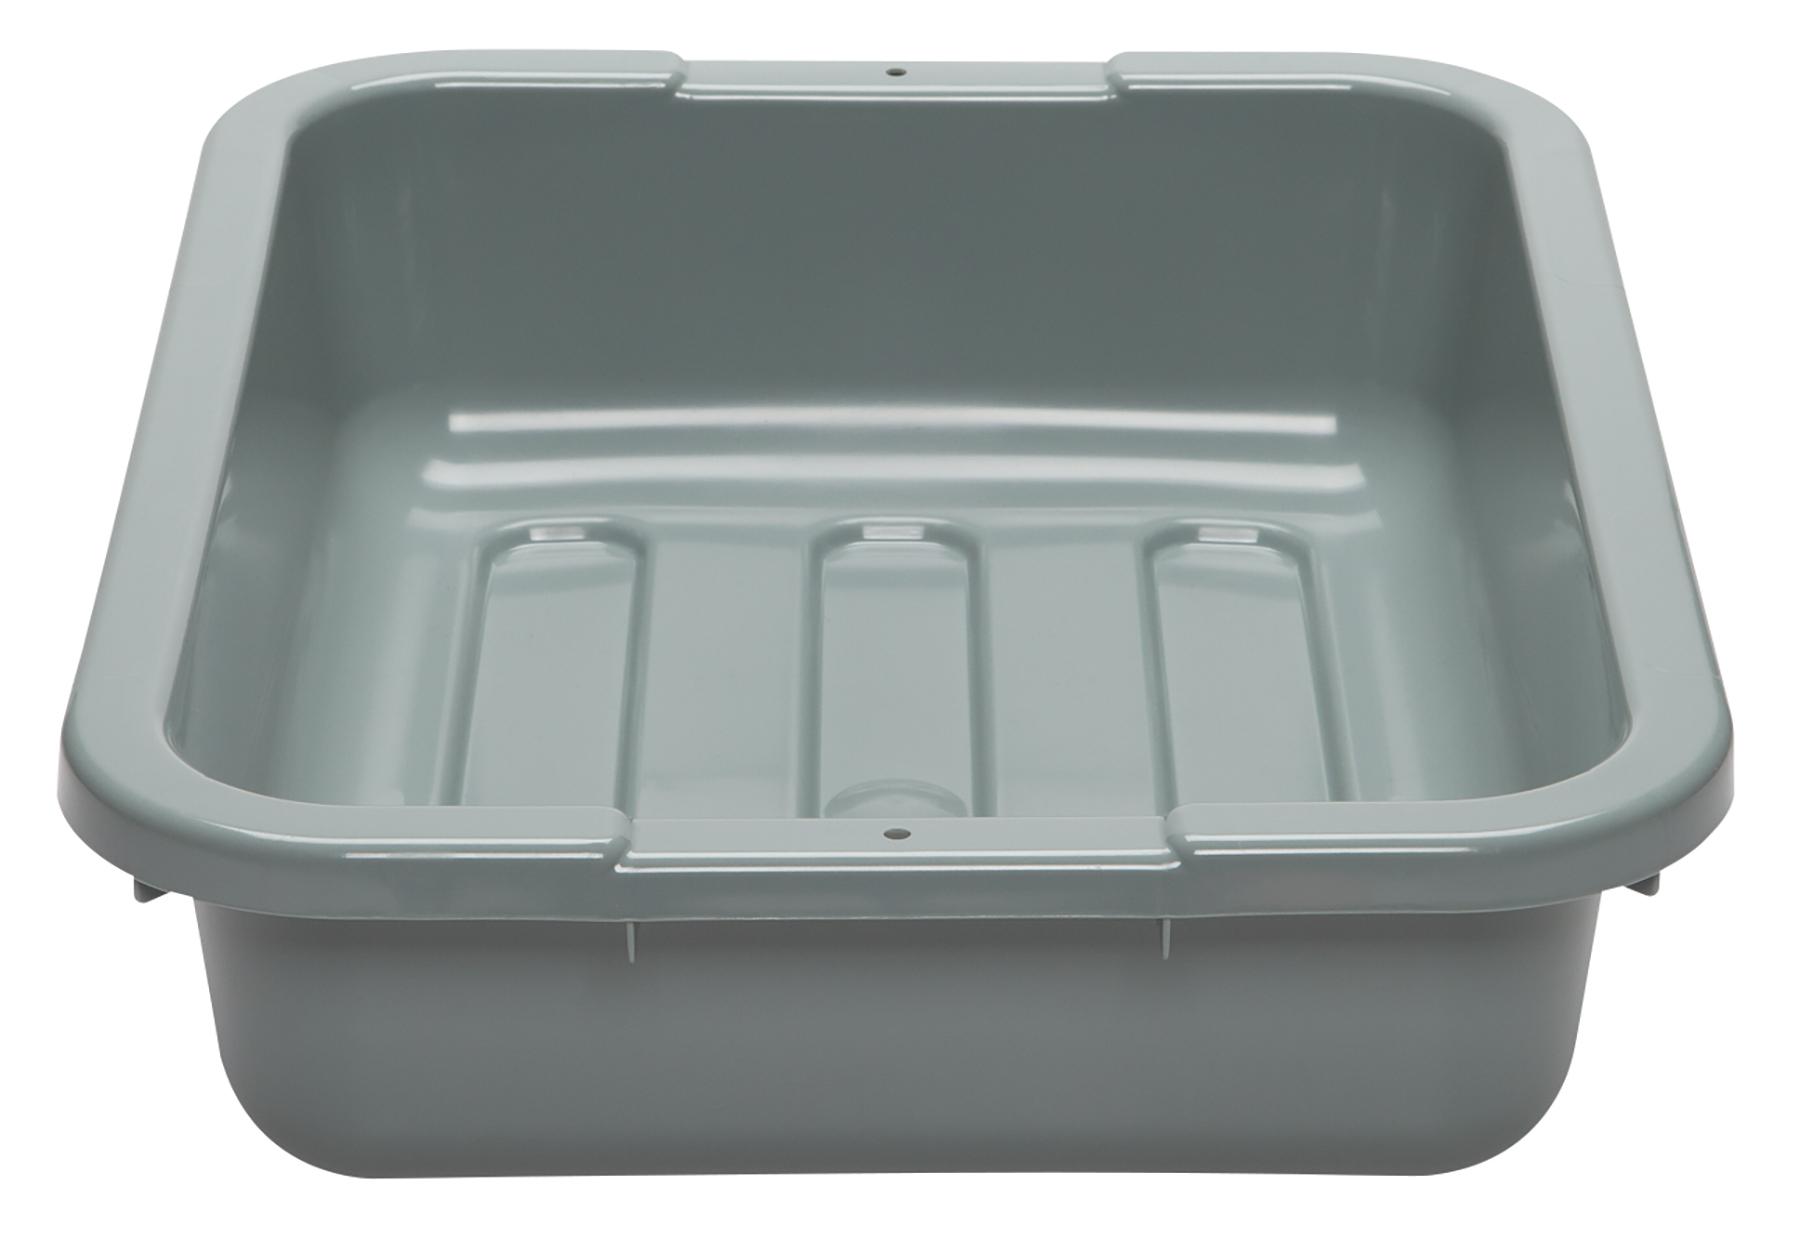 Cambro 1520CBP180 food/beverage storage container